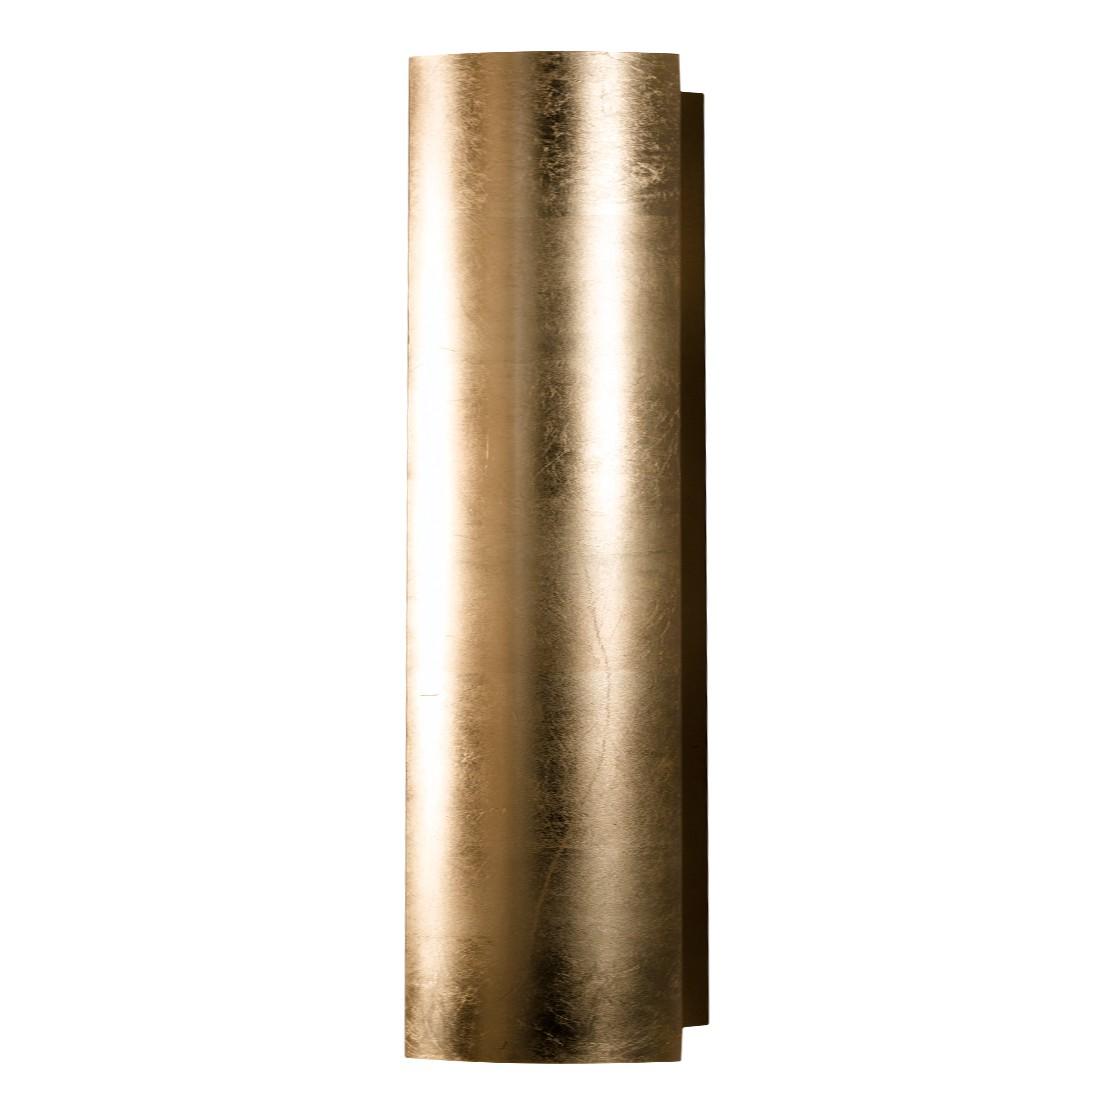 Wandleuchte Capsula 25 cm ● Metall ● Gold ● 2-flammig- Hans Kögl A